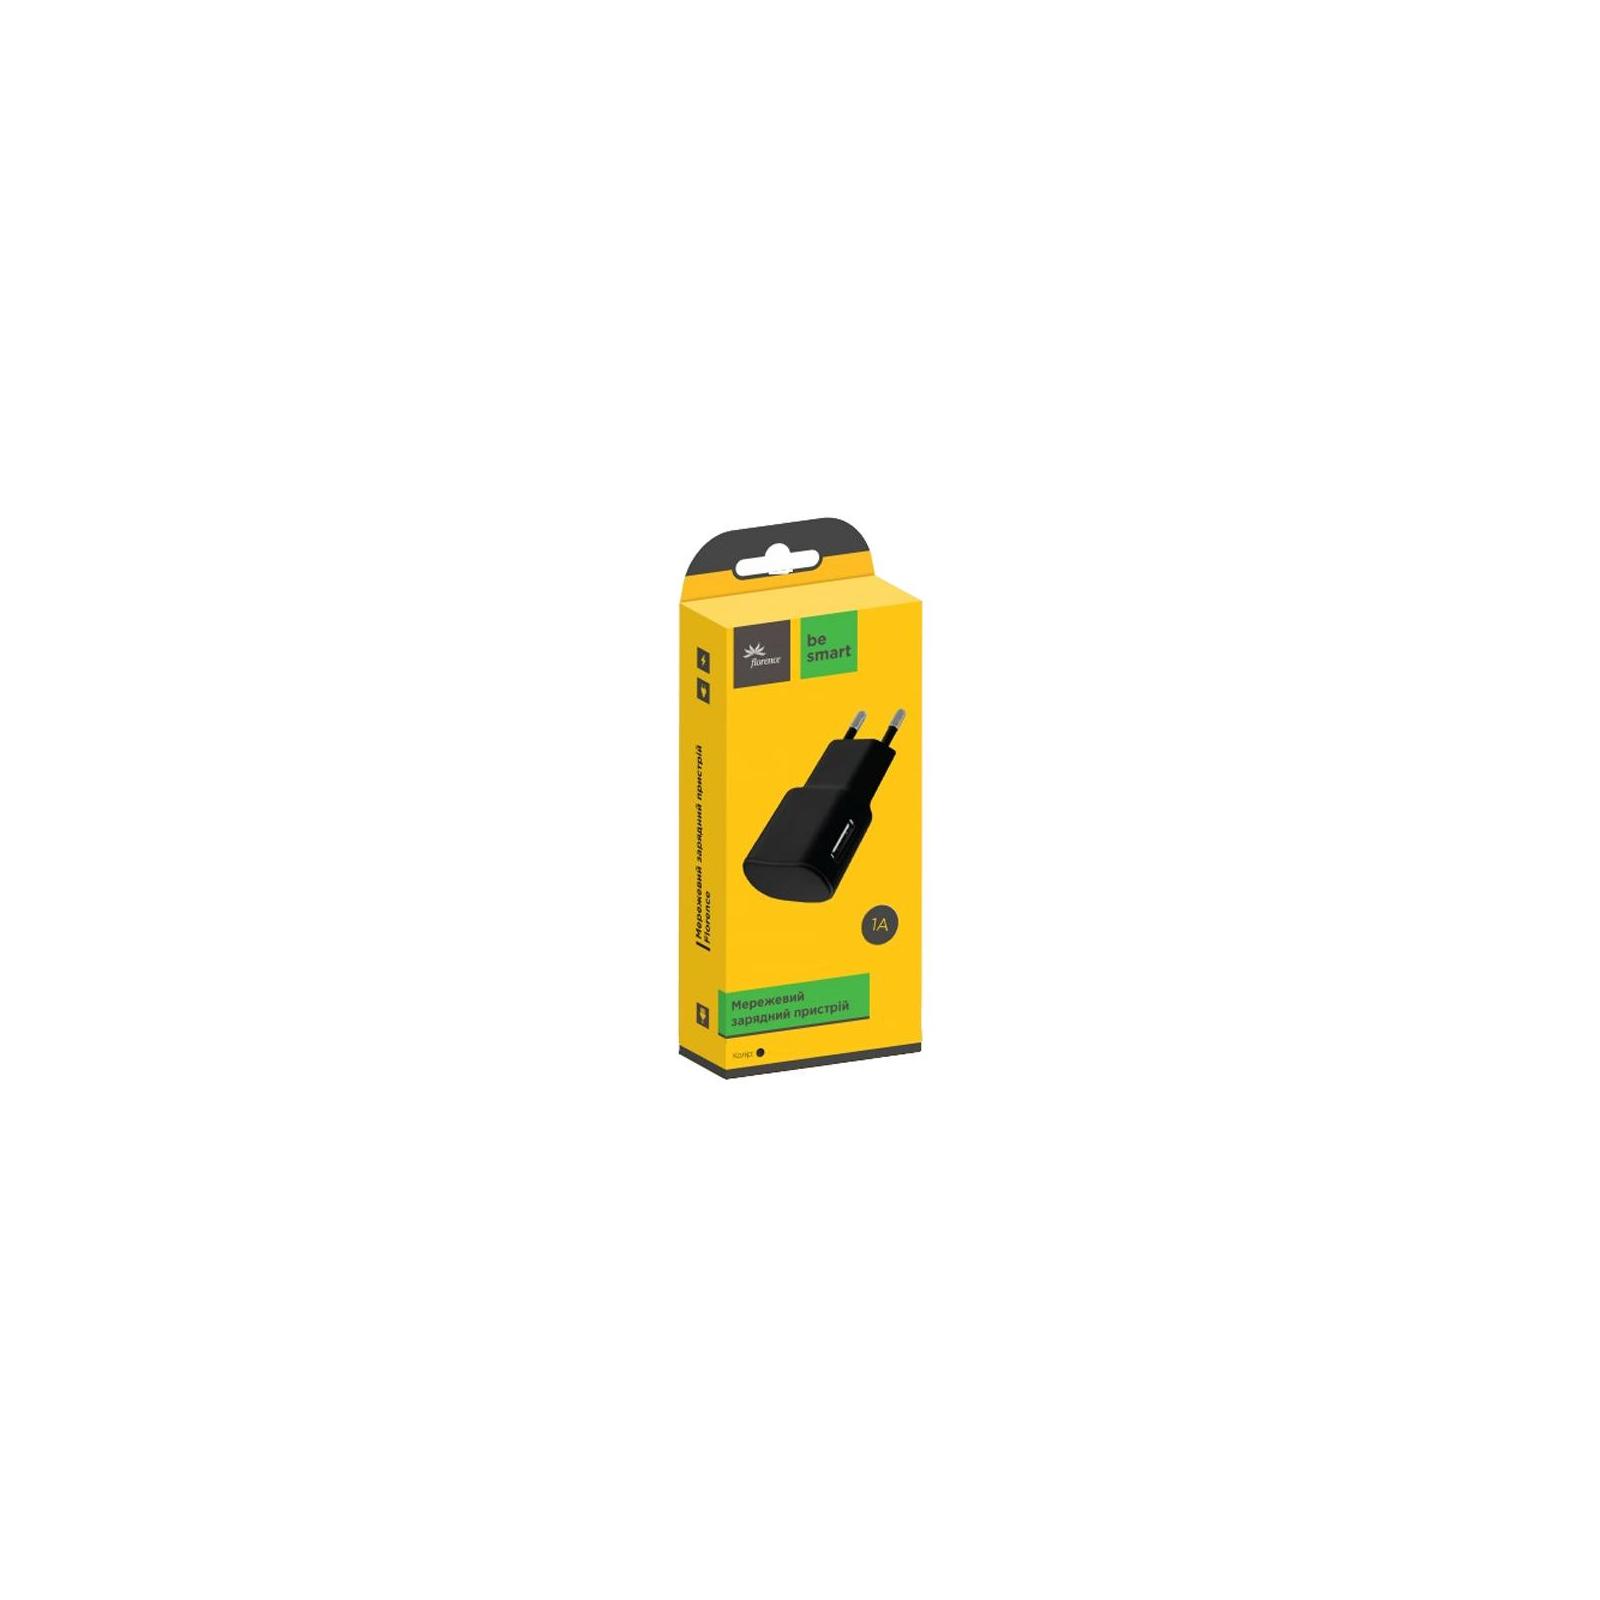 Зарядное устройство Florence USB, 1.0A black (FW-1U010B) изображение 2